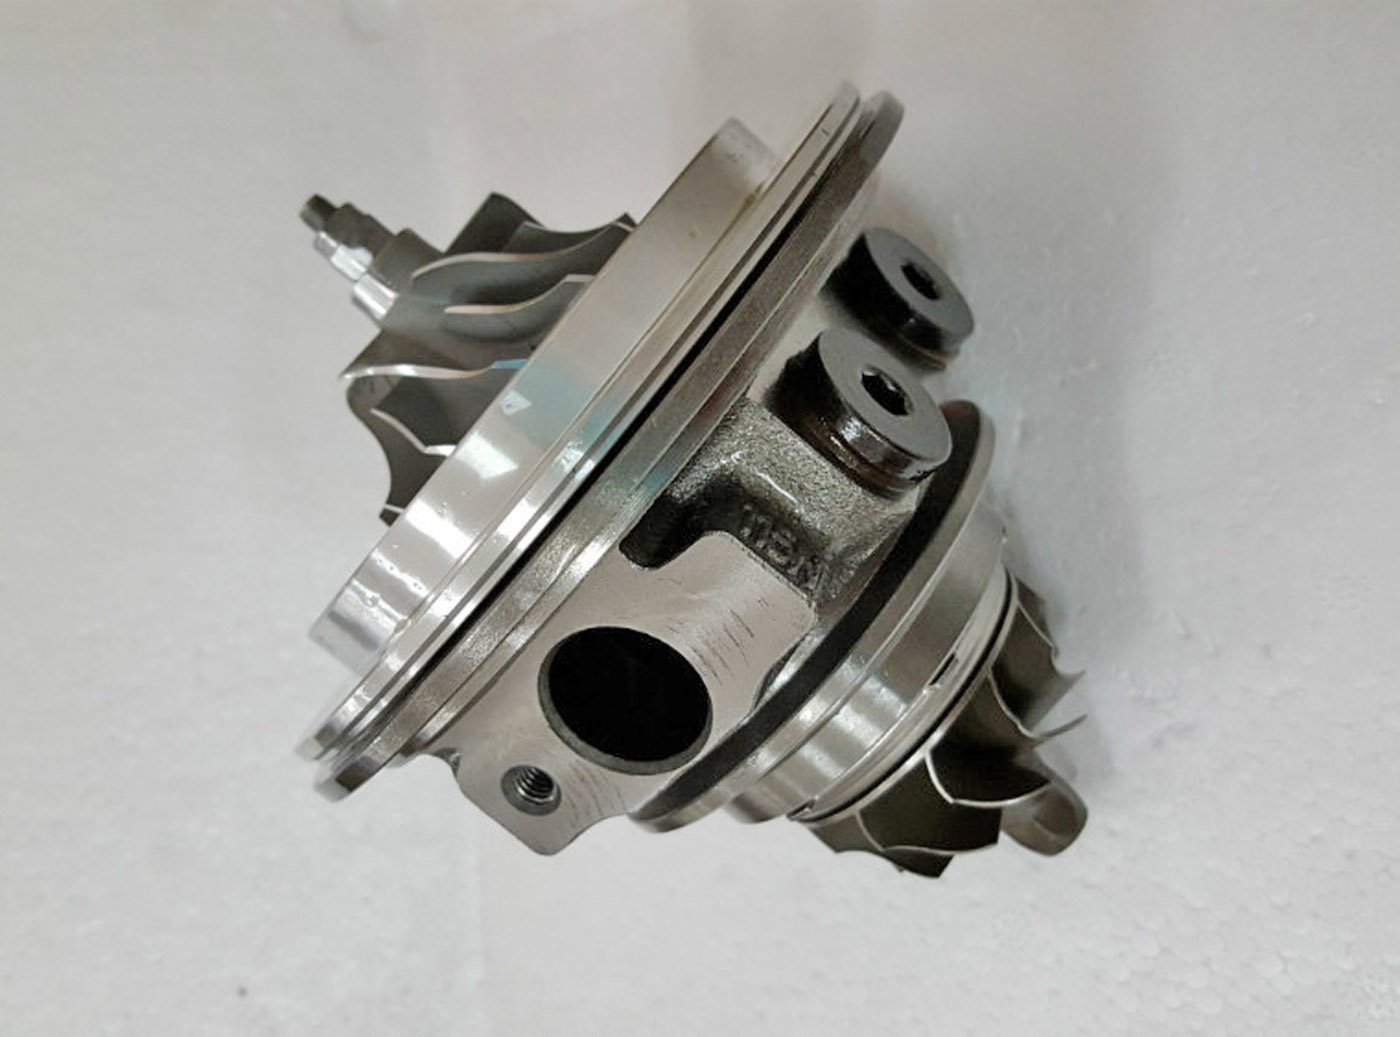 tkparts nueva 53039880217 Turbo CHRA para 2005 Peugeot 207 1.6L THP 150 con ep6dt Motor: Amazon.es: Coche y moto